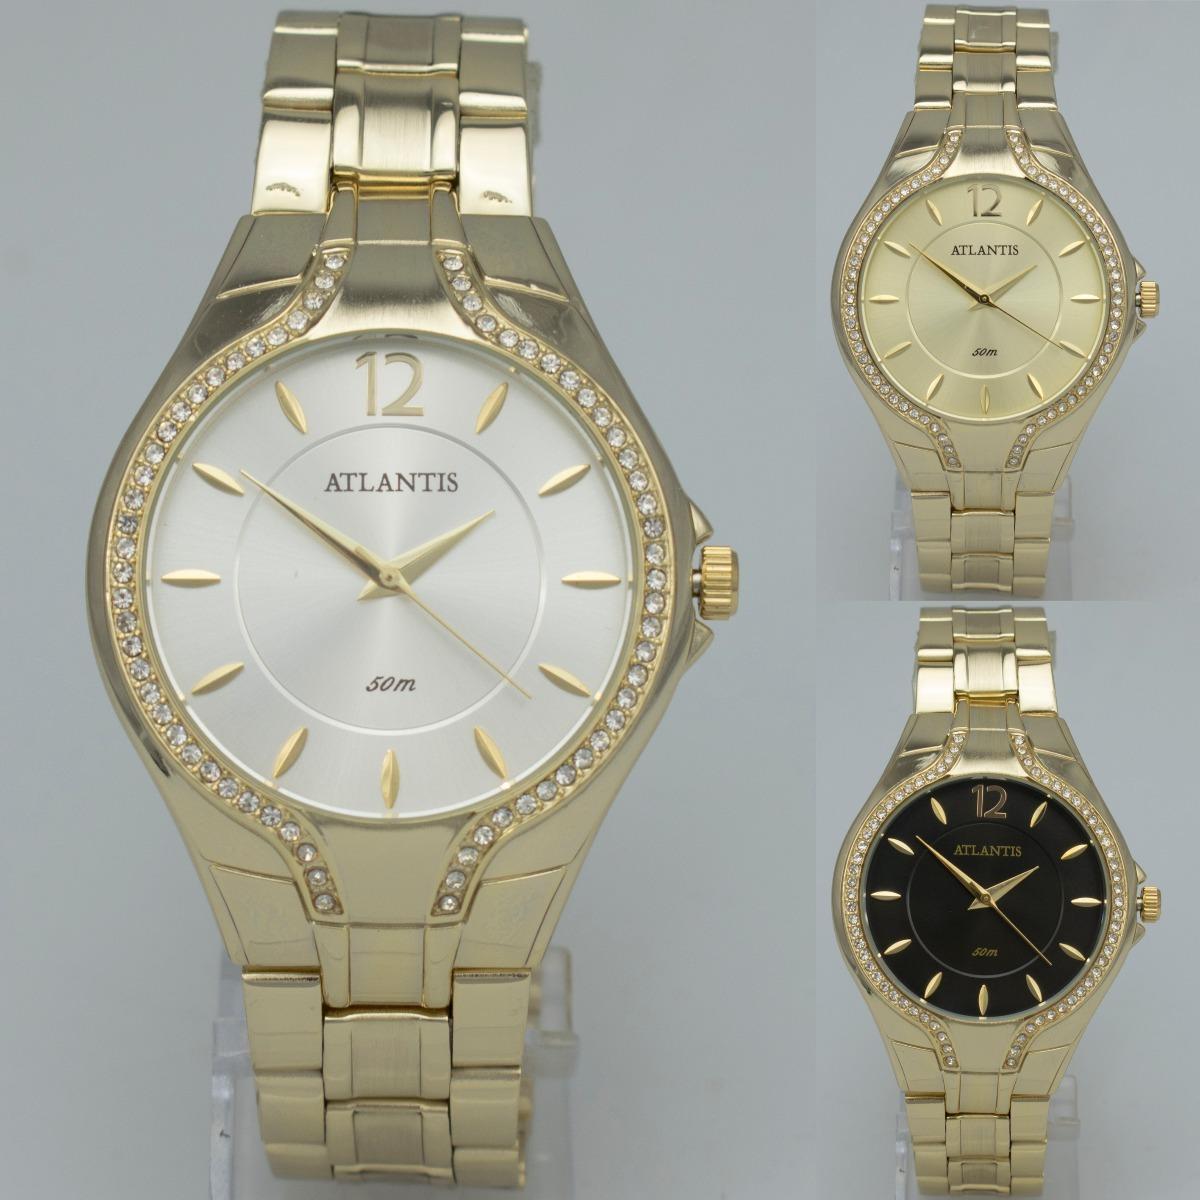 976f6a90e1b relógio feminino atlantis dourado barato analógico quartz. Carregando zoom.